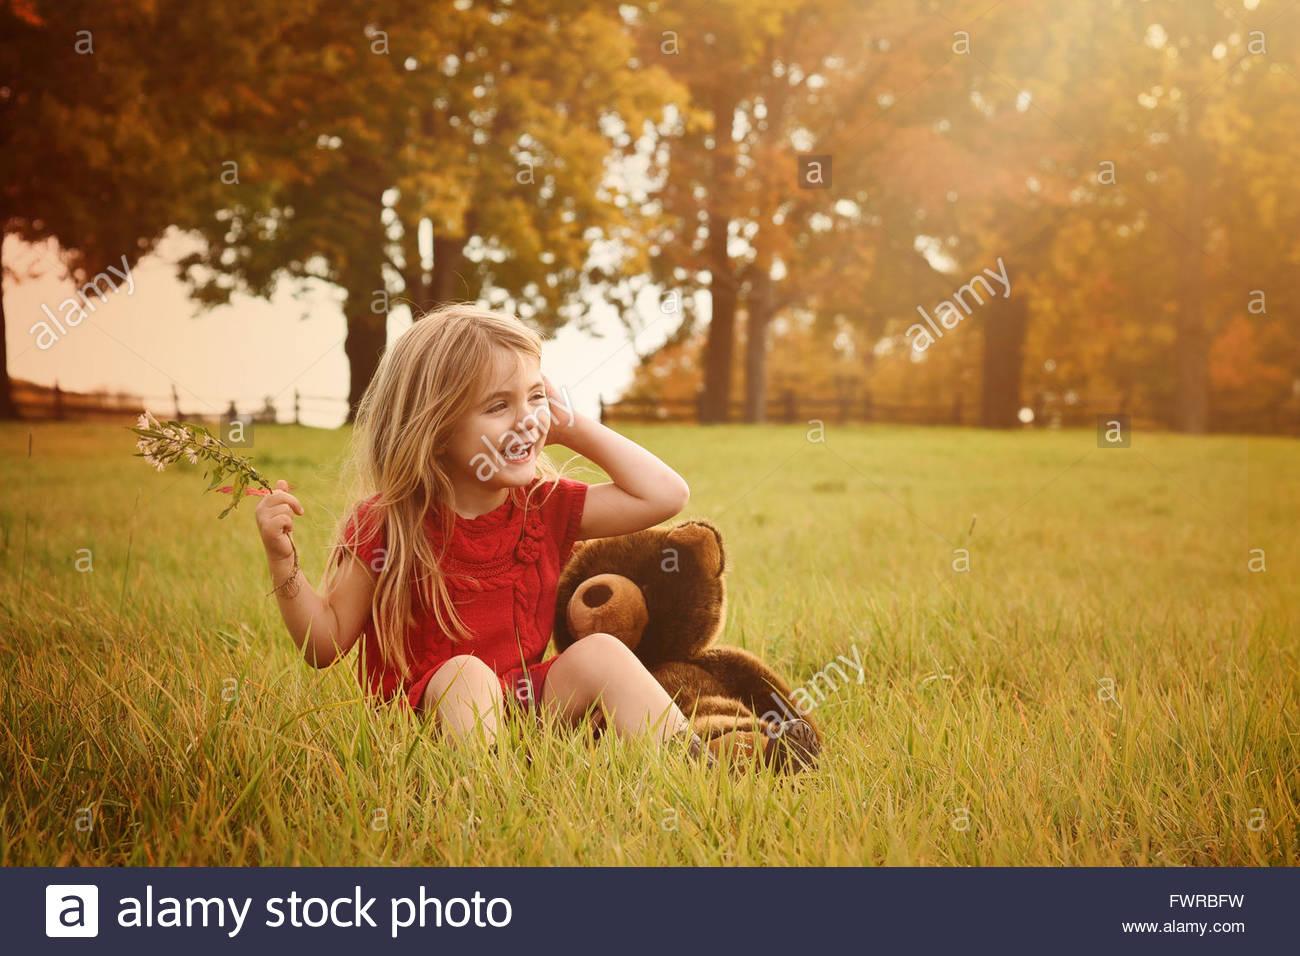 Une petite fille est assis dehors dans le pays avec de l'herbe verte et le soleil pour un bonheur ou la nature Photo Stock